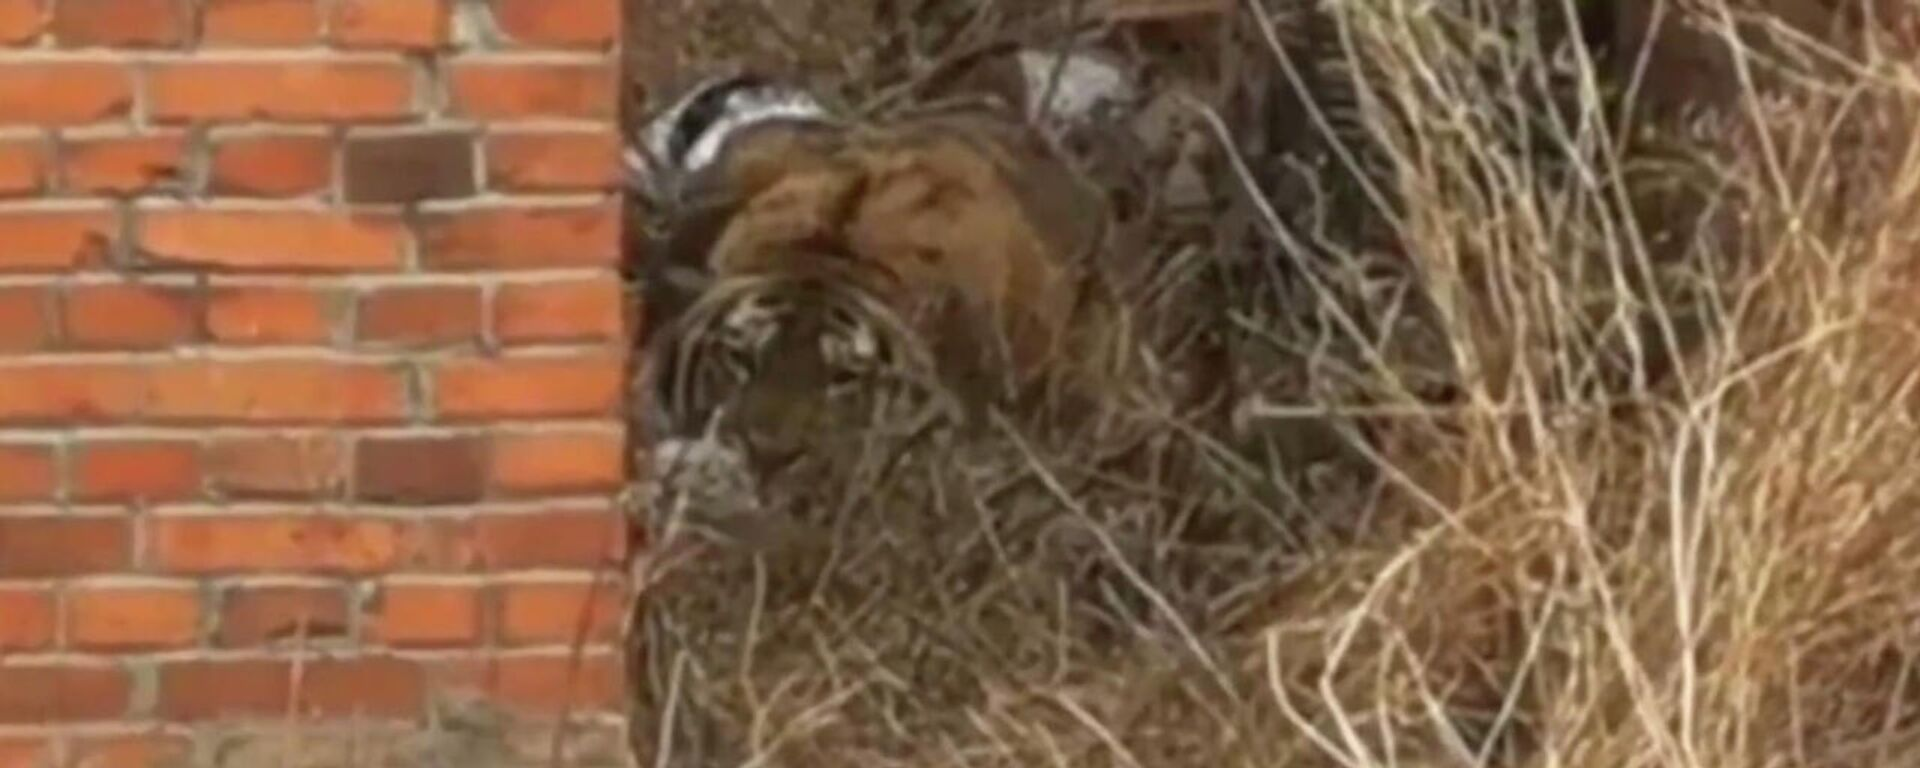 Φοβισμένη τίγρης τρομοκρατεί τους κατοίκους ενός χωριού στην Κίνα - Sputnik Ελλάδα, 1920, 27.04.2021